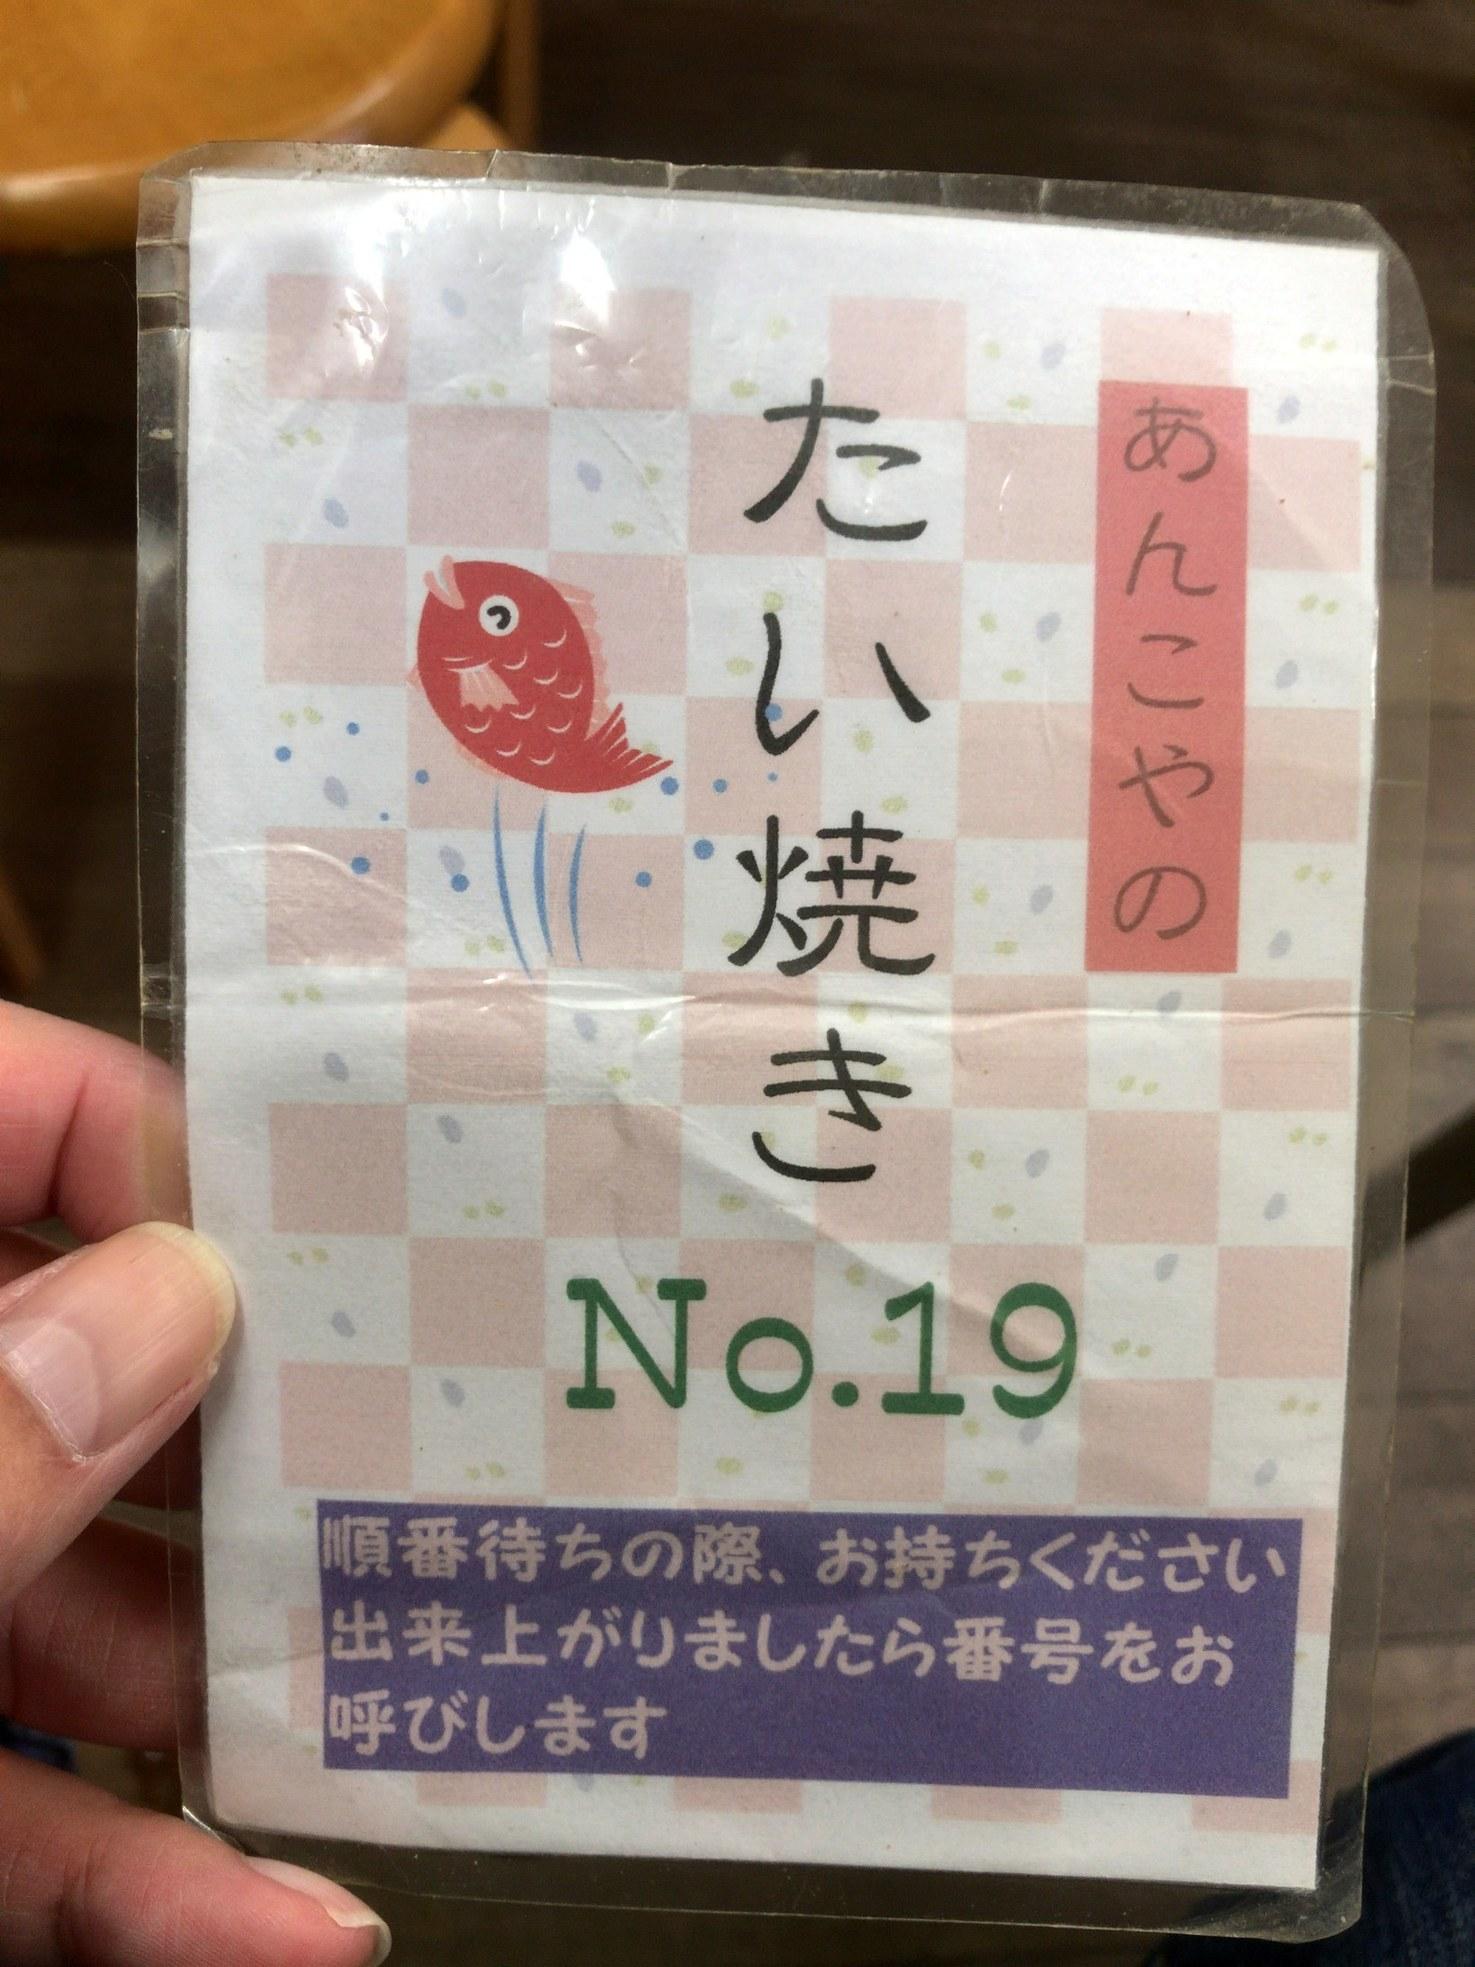 神谷製餡所 name=